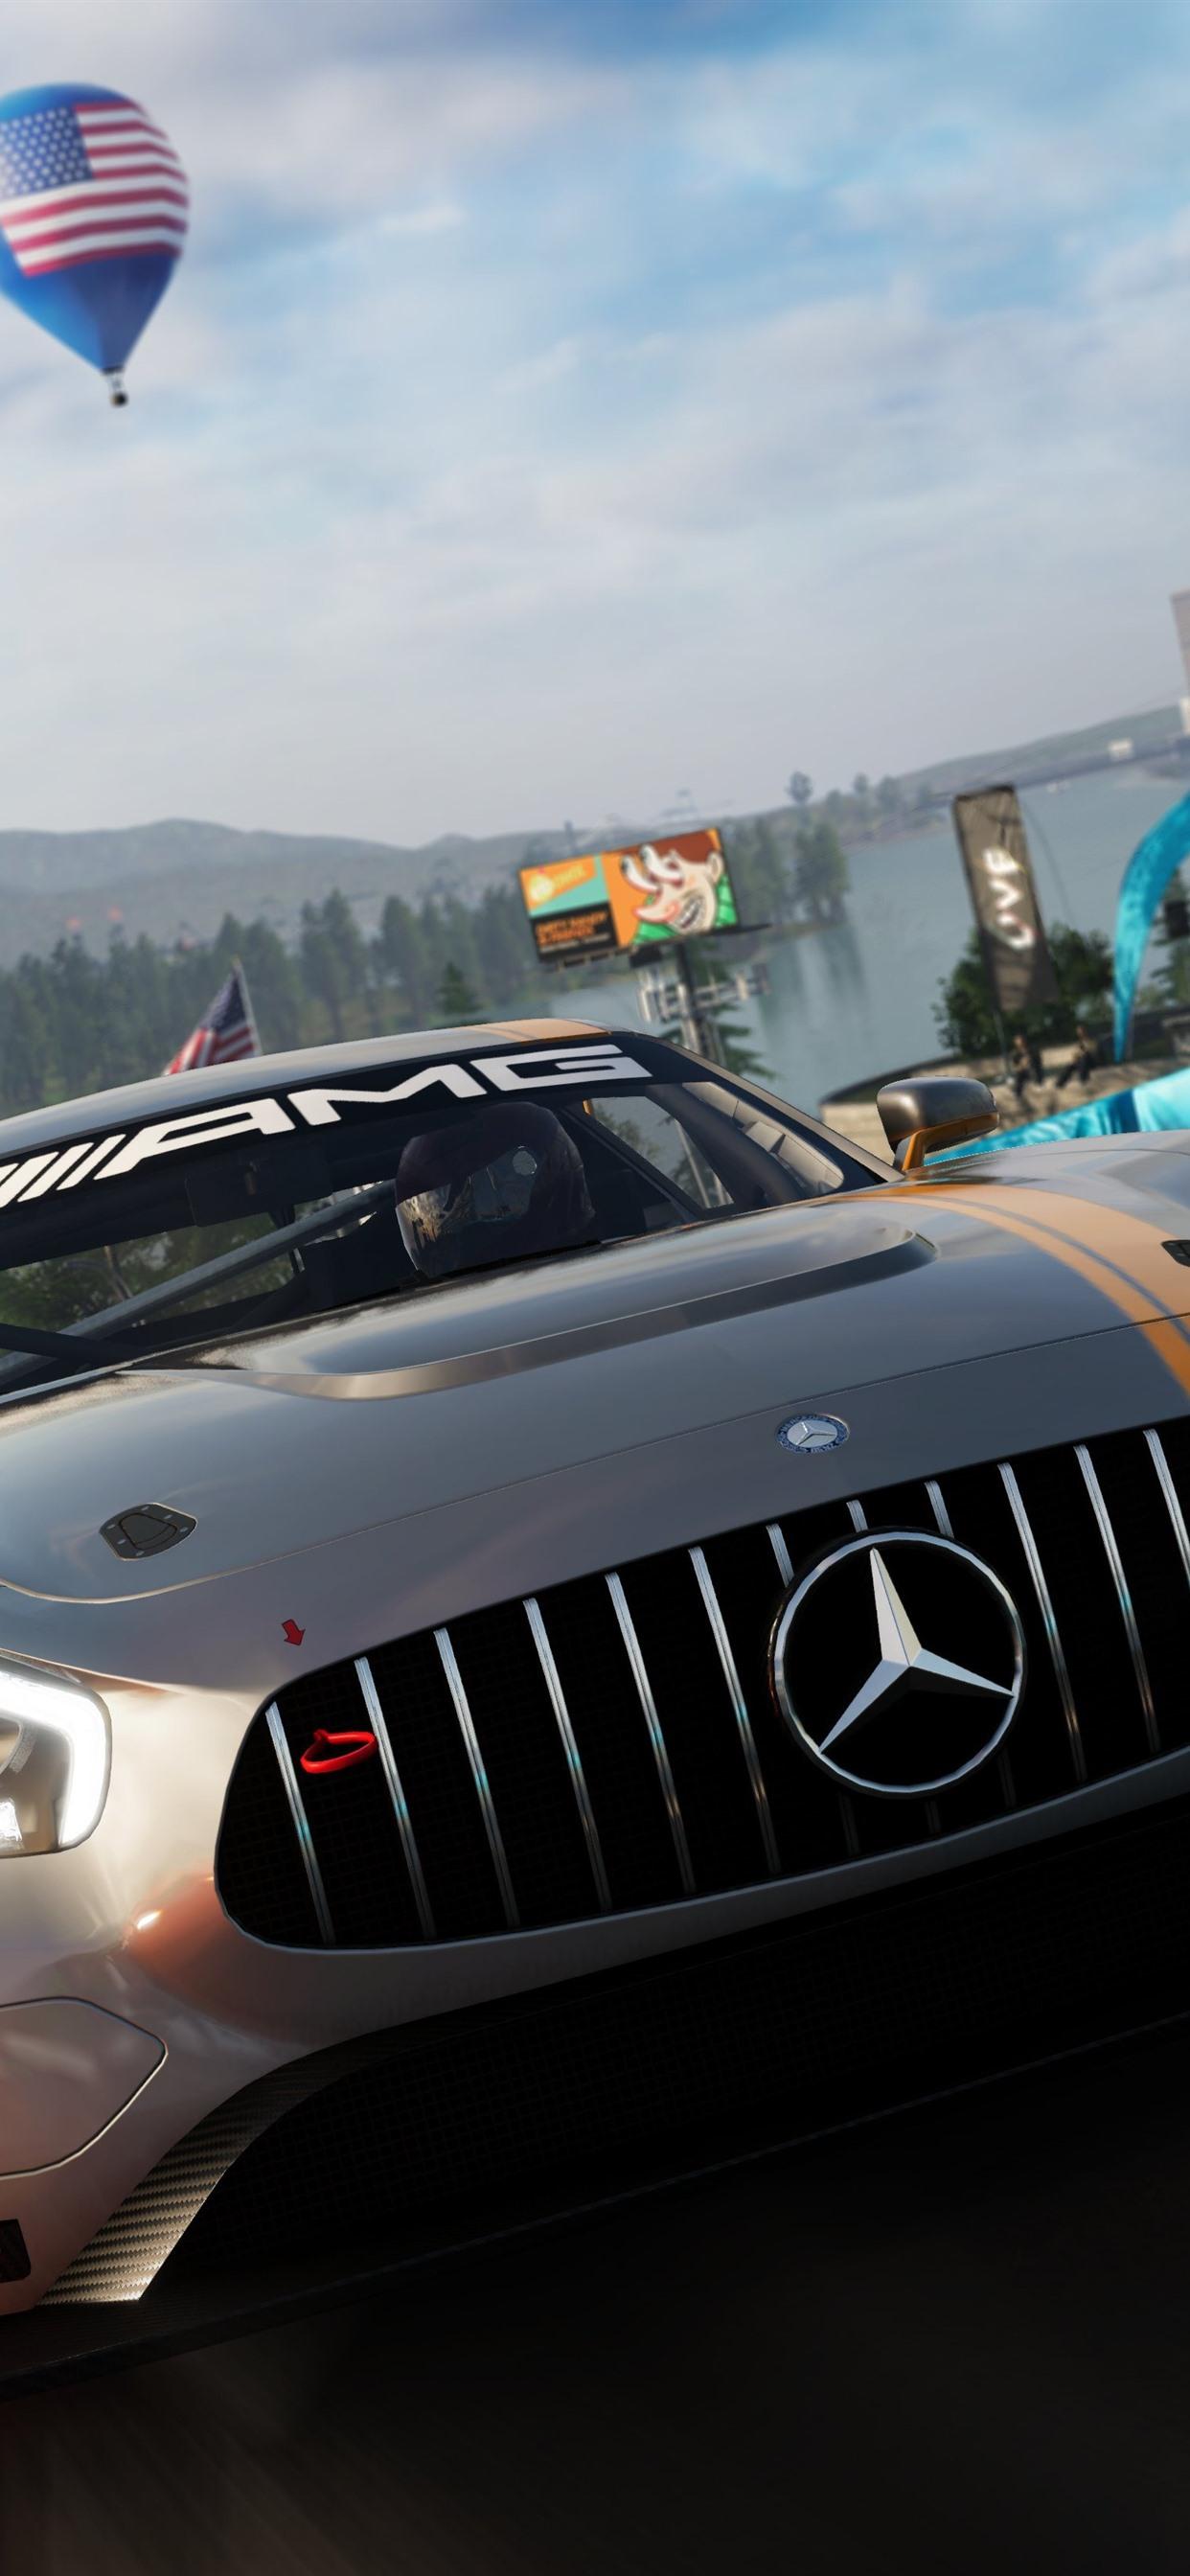 The Crew 2 Mercedes Benz Supercar 1242x2688 Iphone Xs Max Wallpaper